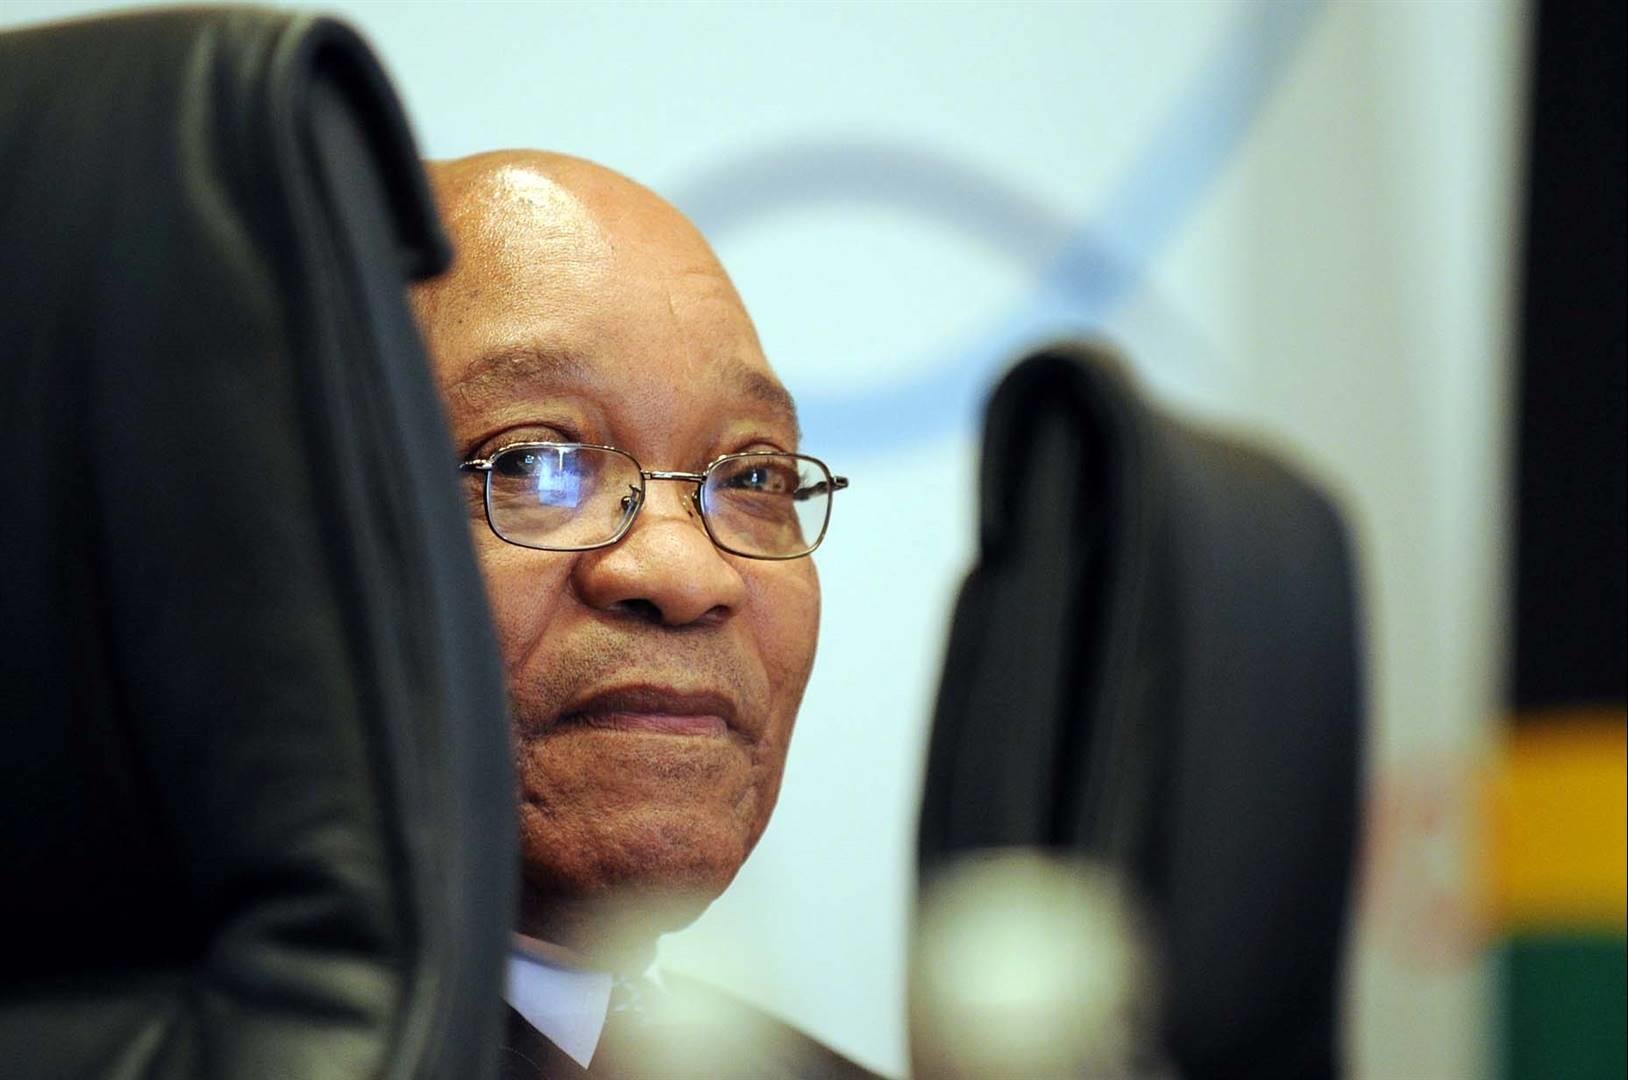 سجن زوما.. مظاهرات عنيفة في شرق جنوب إفريقيا